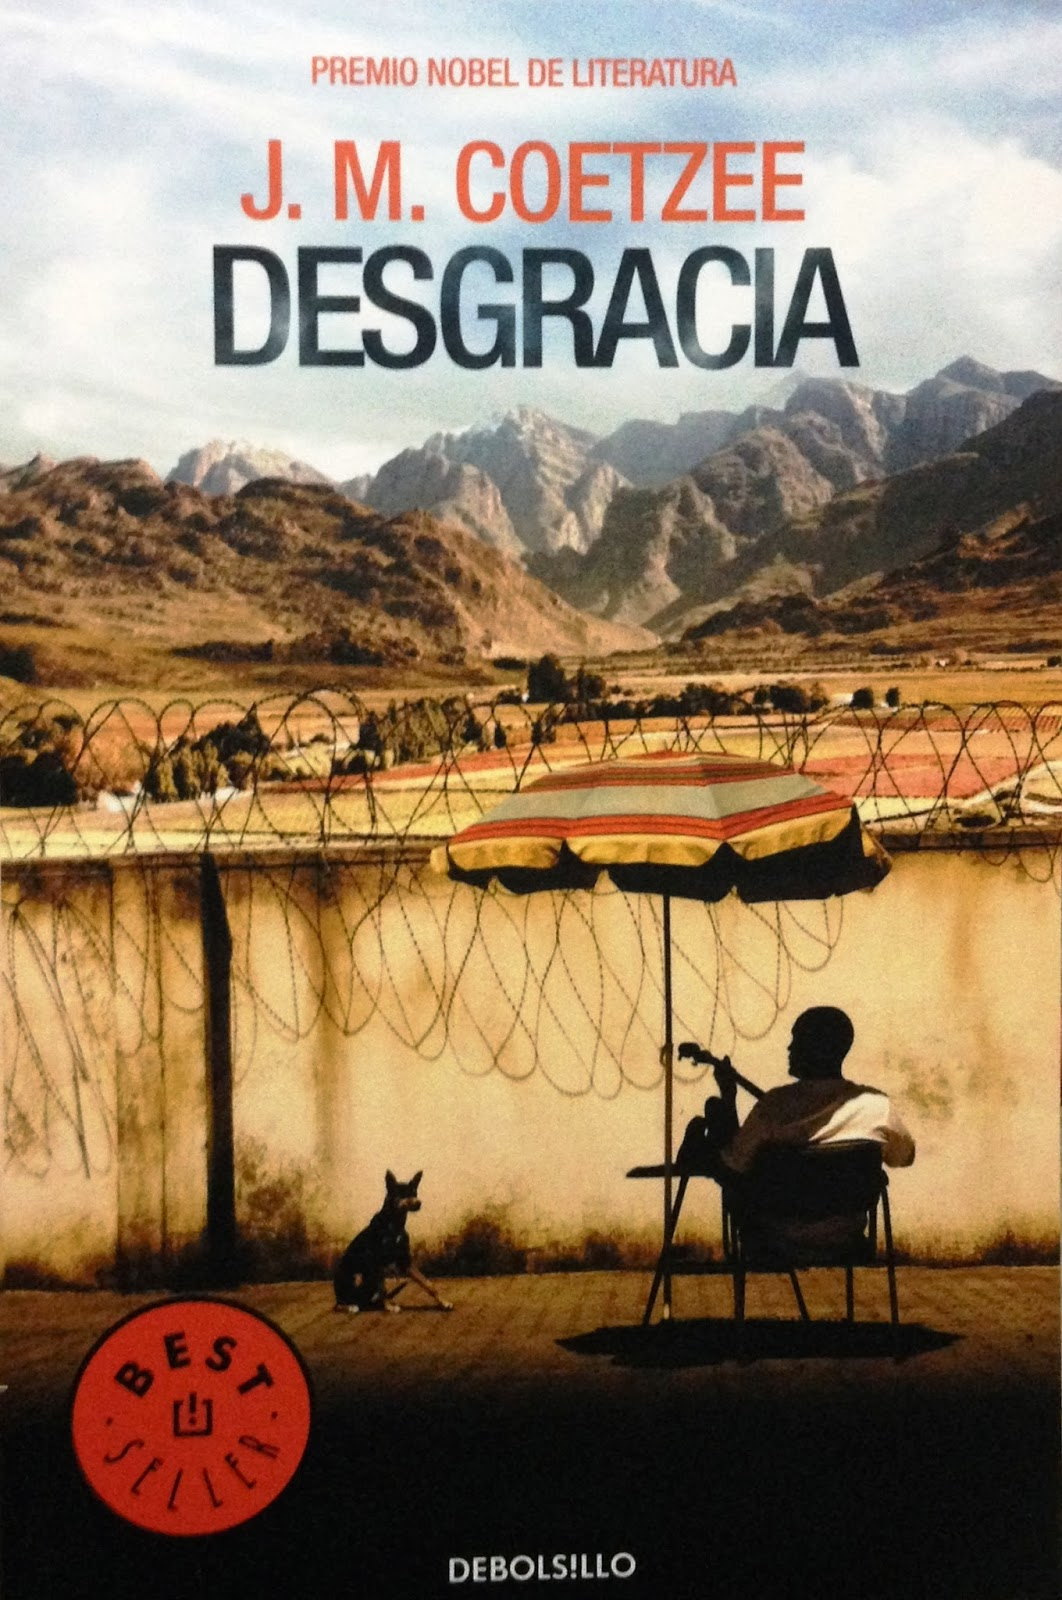 J. M. Coetzee - Desgracia